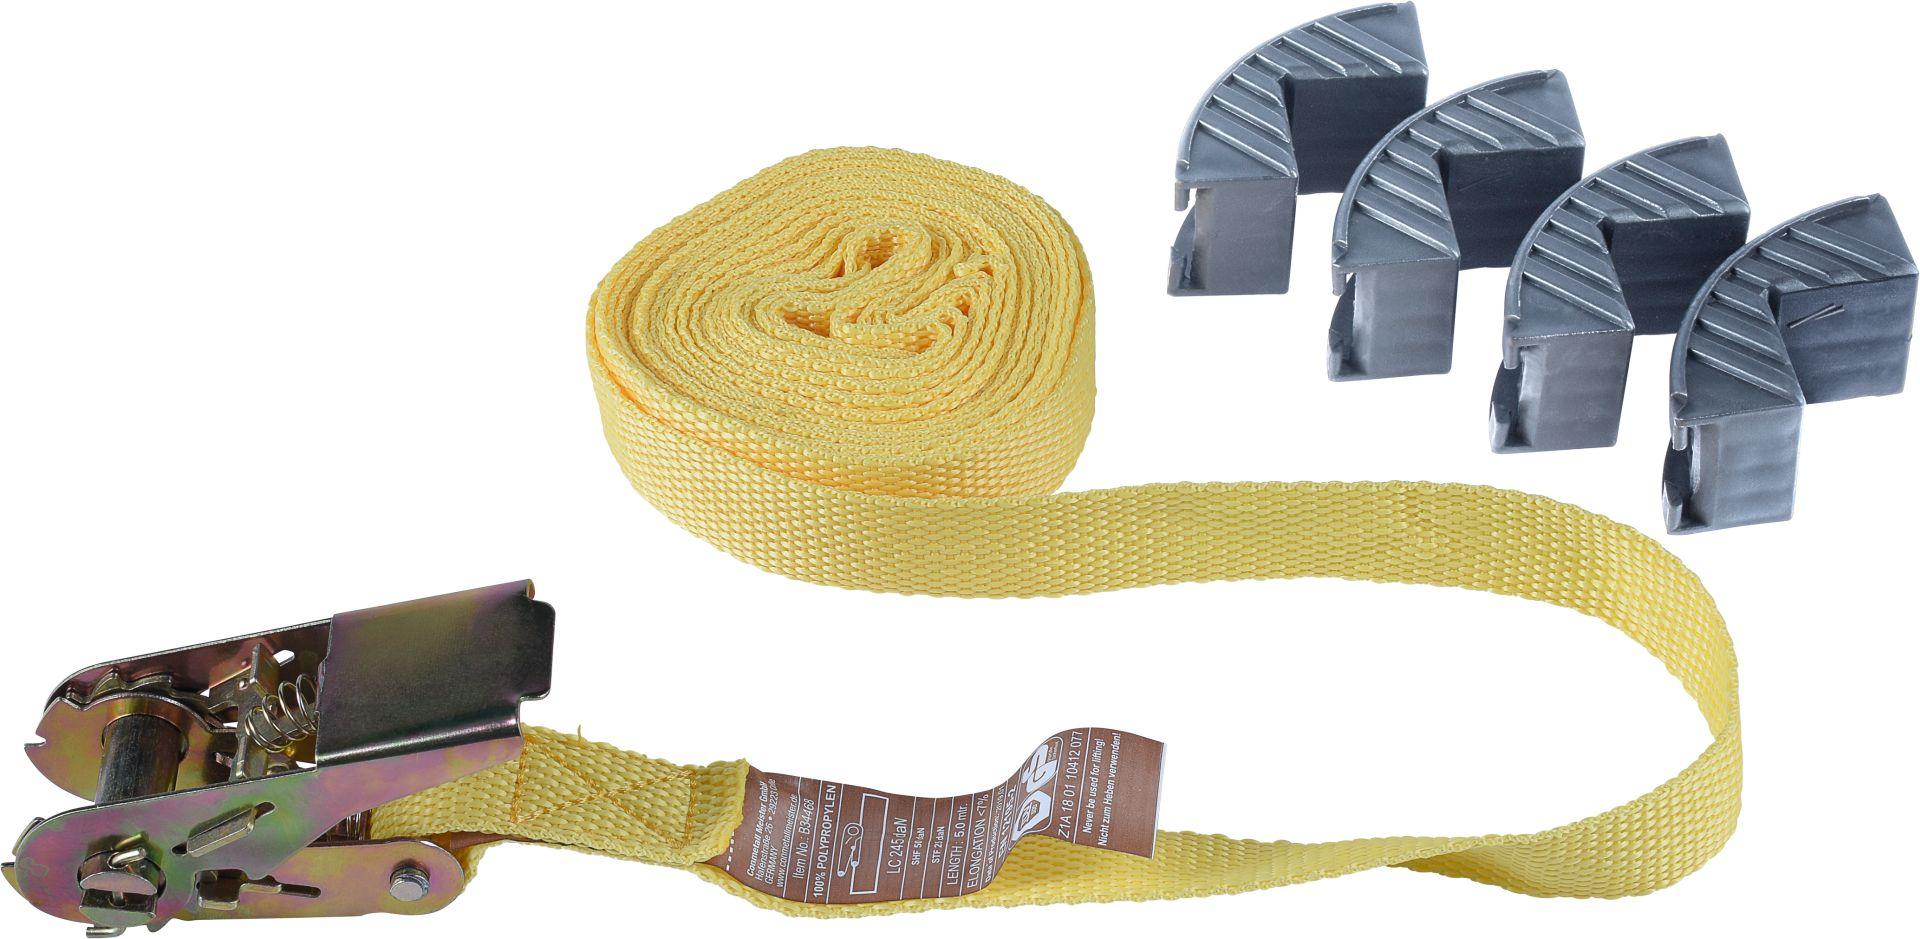 CONNEX Zurrgurt mit 4 x Kantenschutz, 5 m x 25 mm, Polypropylen